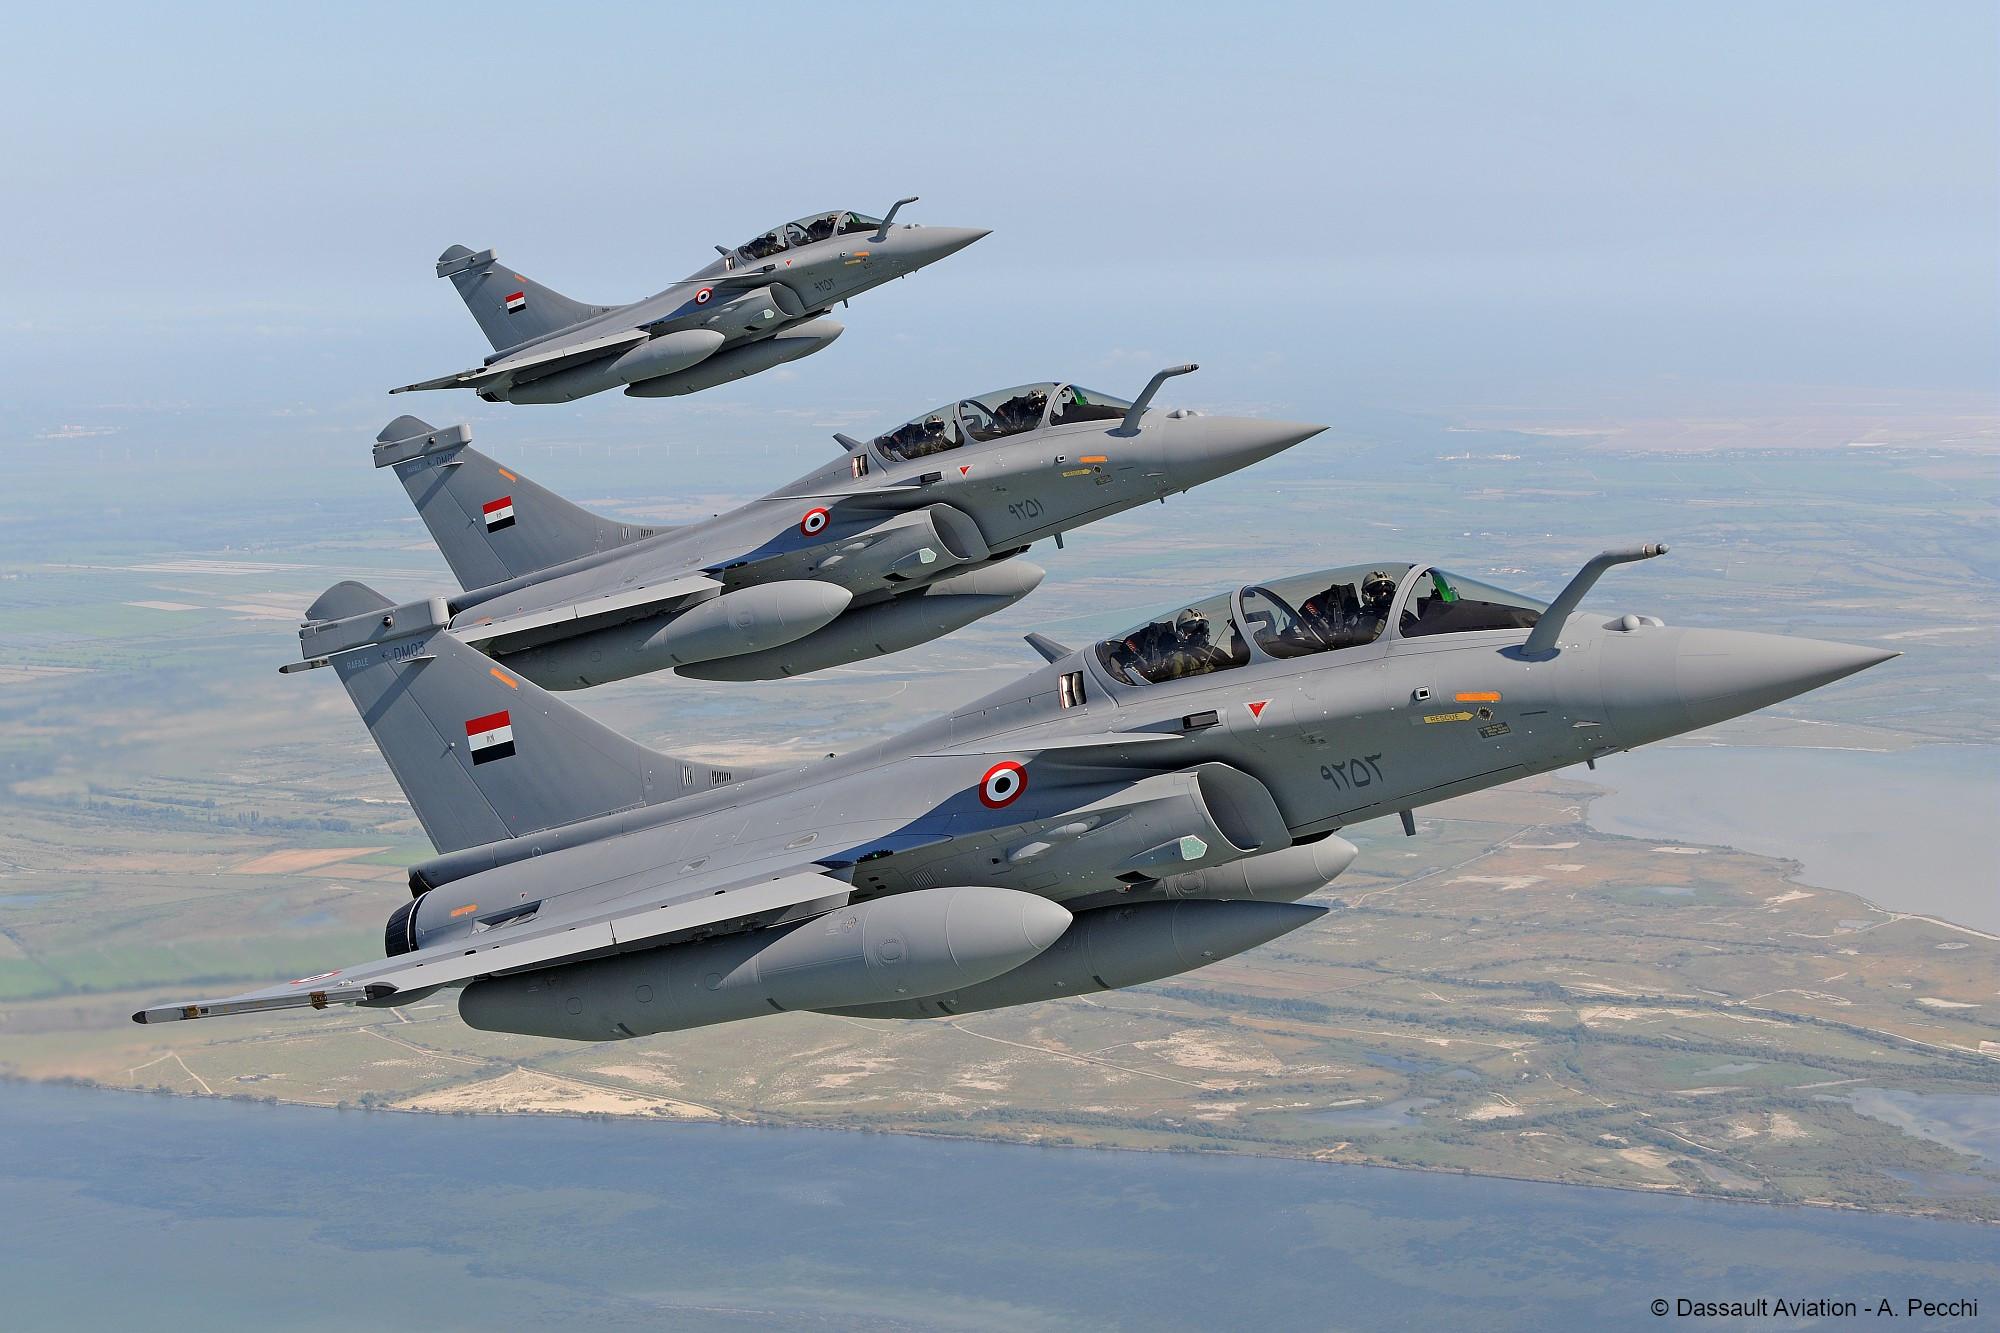 法國達索人為埃及的陣風歡呼(由法國銀行資助)